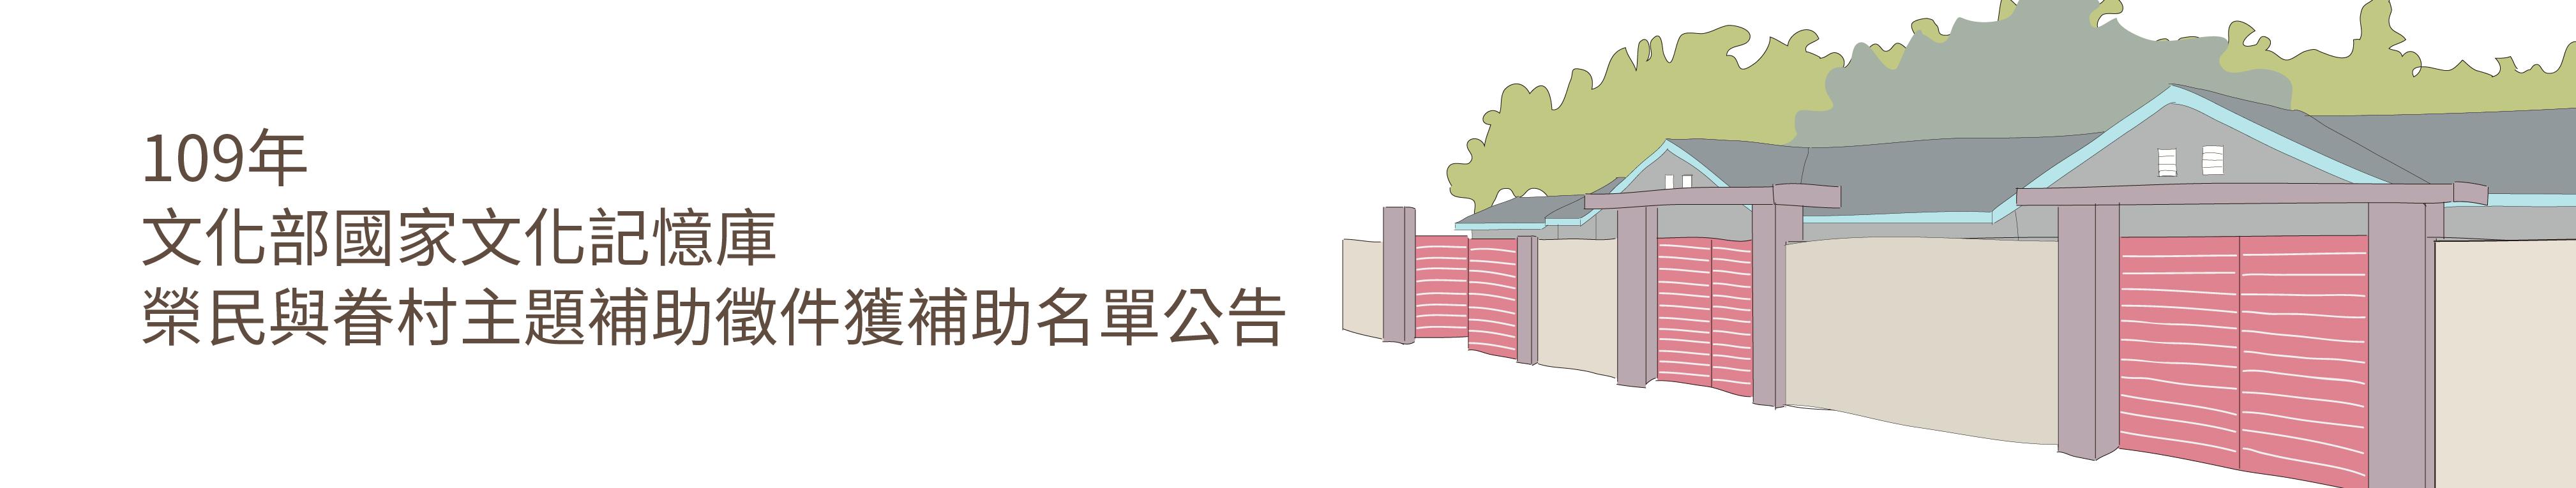 文化部國家文化記憶庫榮民與眷村主題計畫核定補助名單暨評審名單